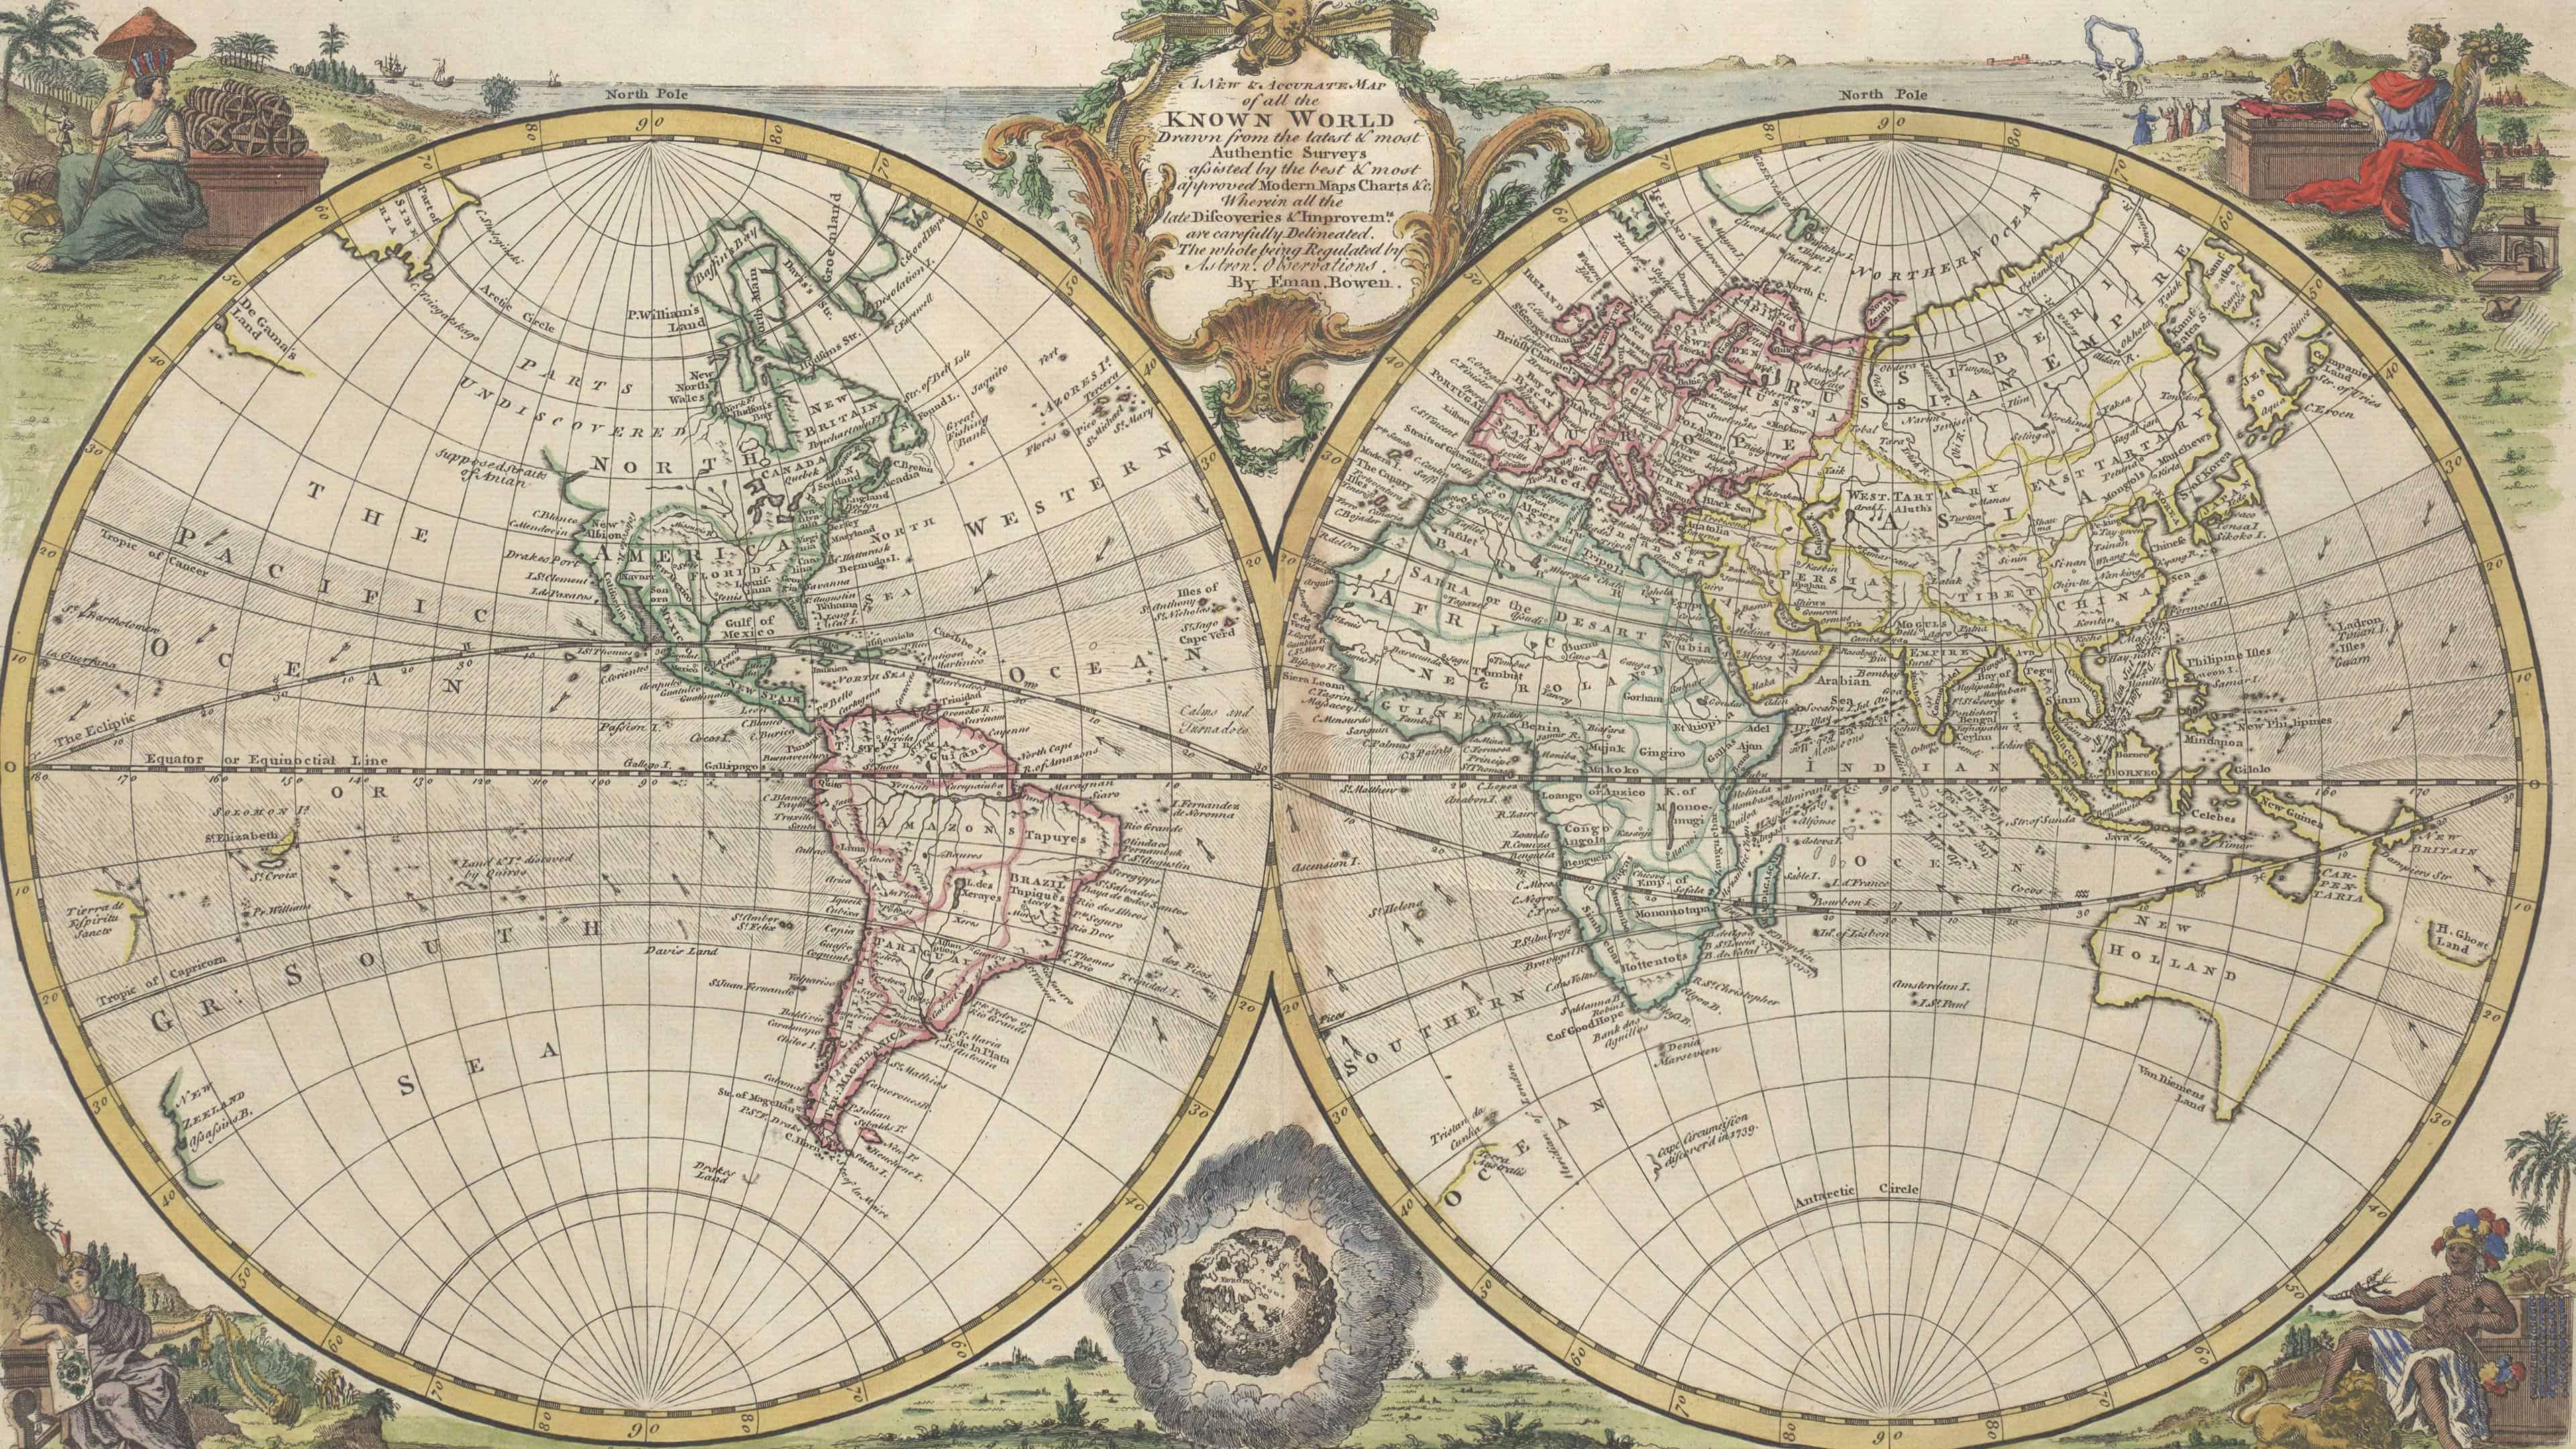 3840x2160 Bản đồ thế giới cổ điển của Anh Một bản đồ mới và chính xác của tất cả những gì đã biết